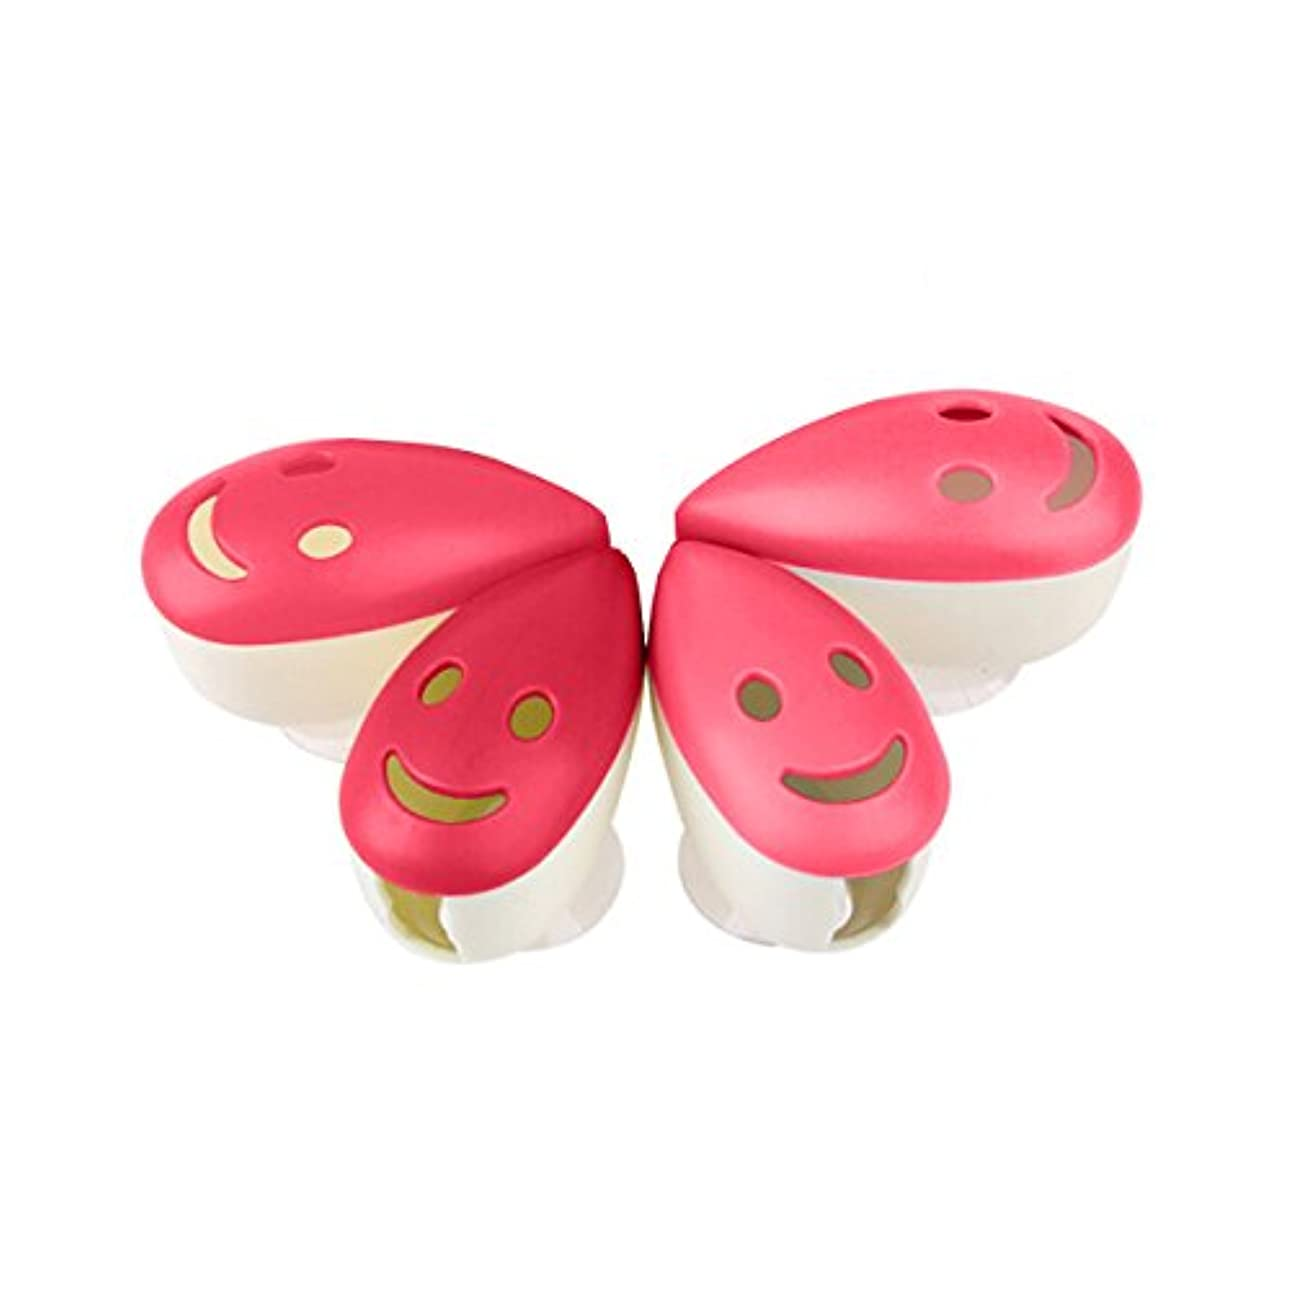 ゲートウェイ怠なサリーROSENICE 歯ブラシケース4個のスマイルフェイス抗菌歯ブラシホルダーサクションカップ(混合色)